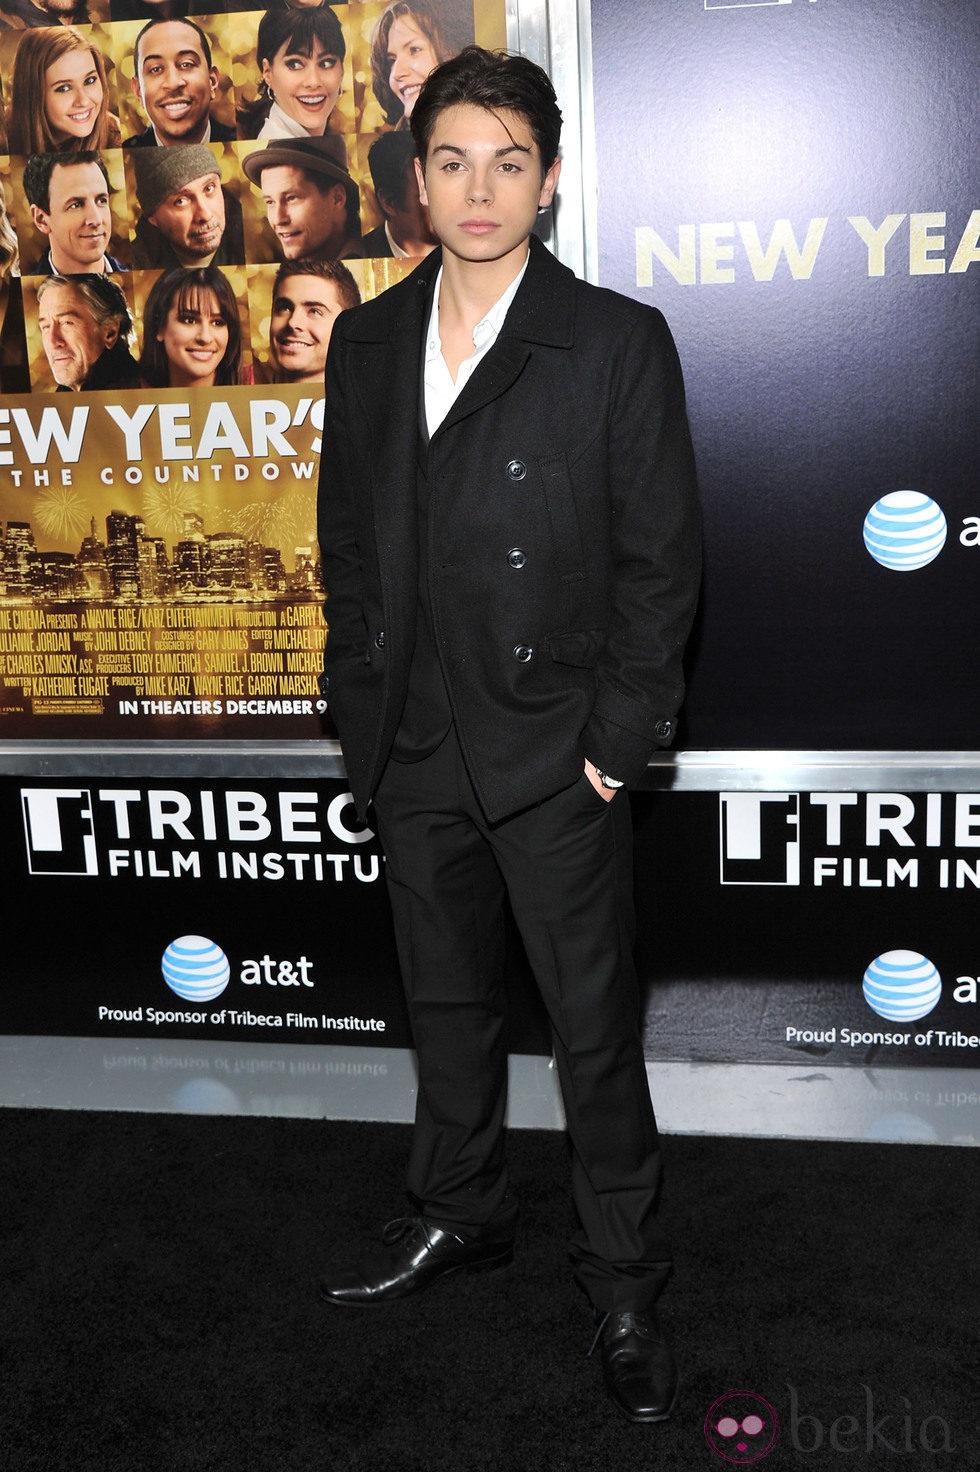 Jake T. Austin en el estreno de 'New Year's Eve' en Nueva York